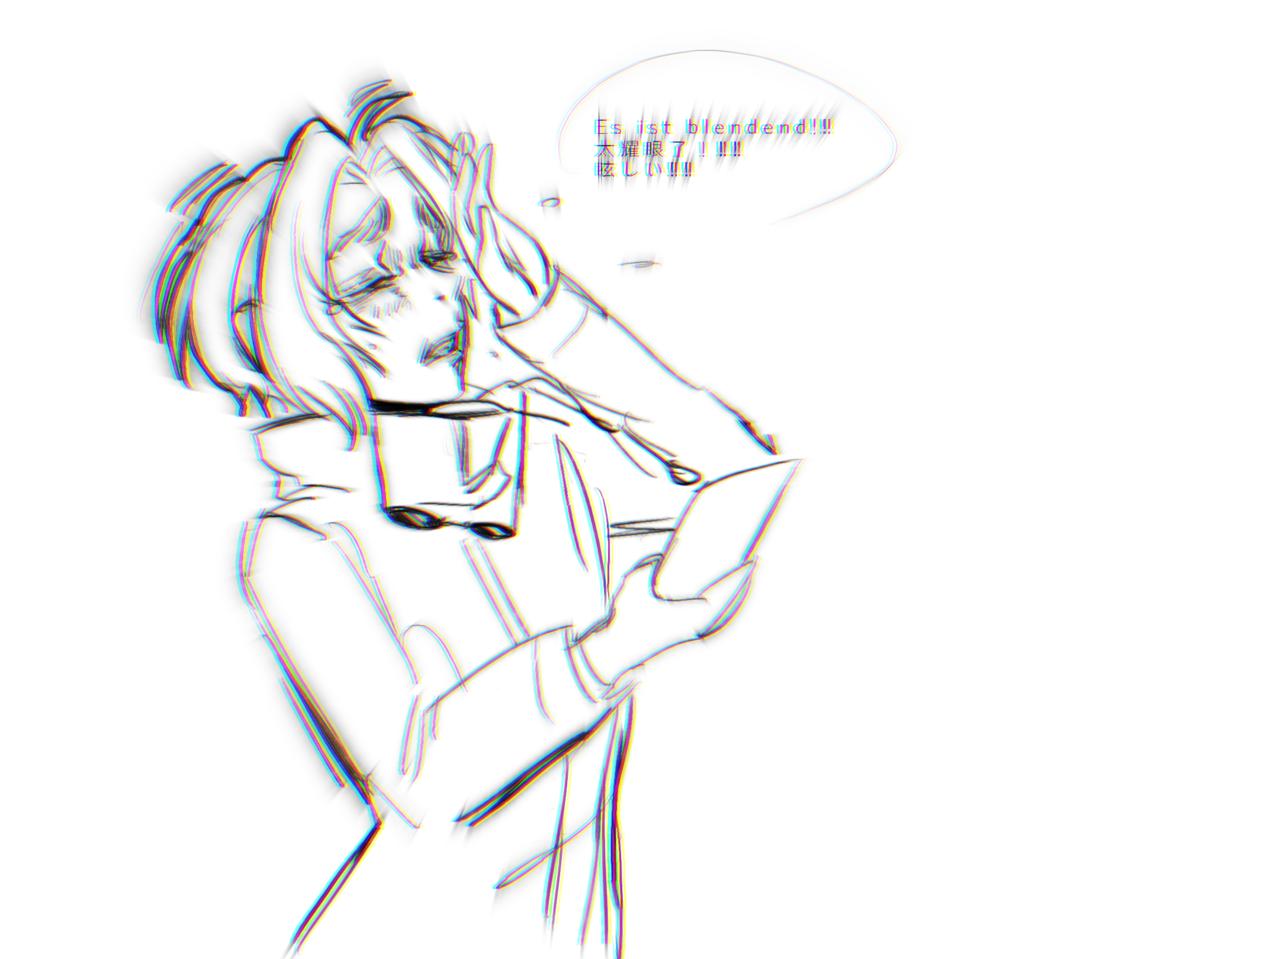 眩しいすぎる‼︎習さま Illust of Getsuyoubi_23 東京喰種:re fanfic カナエ 美少年 illustration tokyo_ghoul 月山習 boy